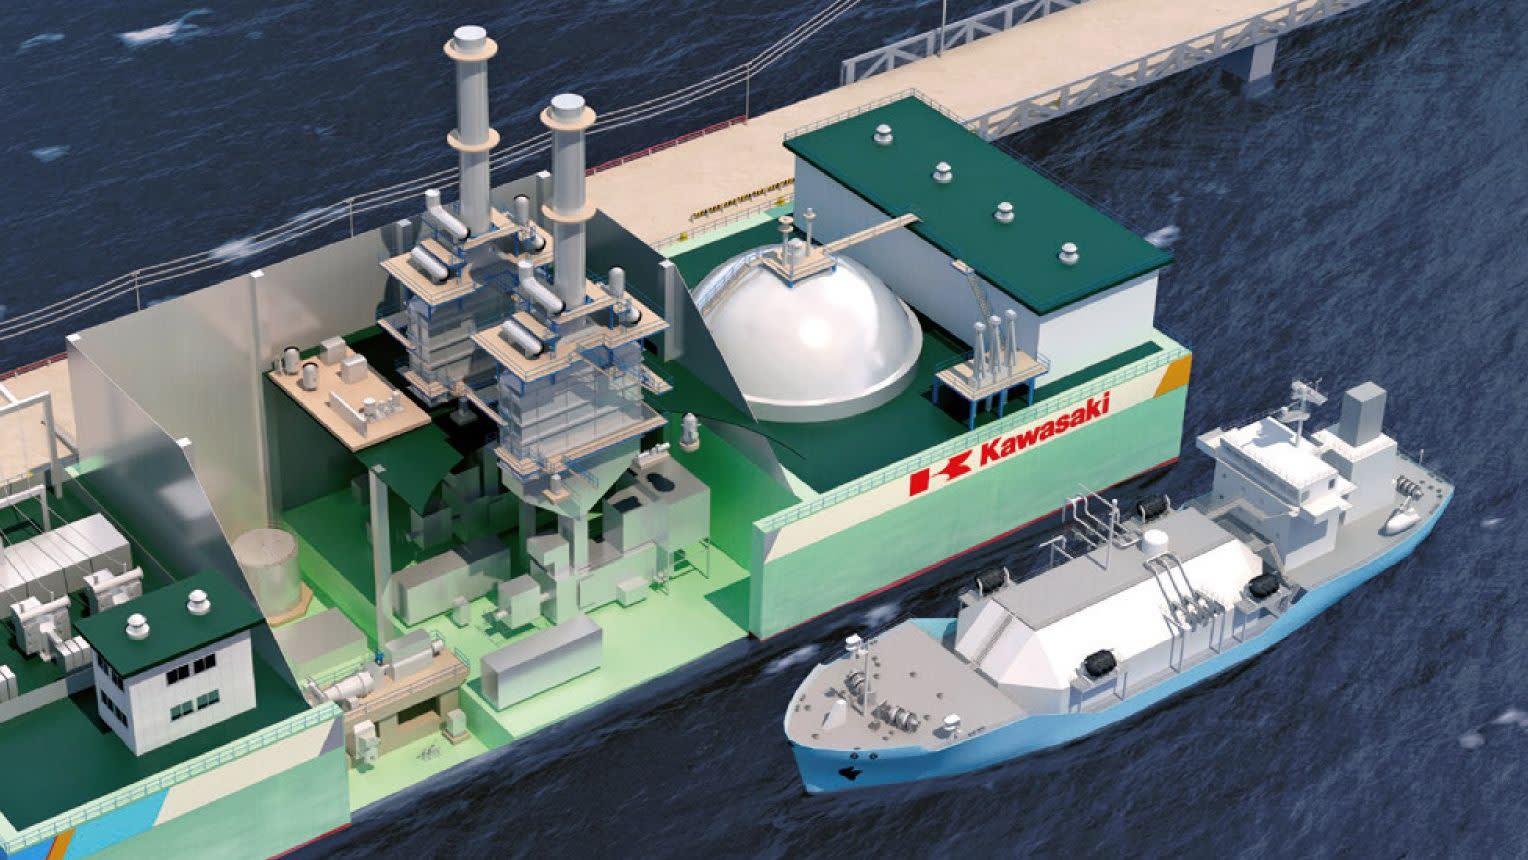 توسعه نیروگاه شناور توسط شرکت کاوازاکی